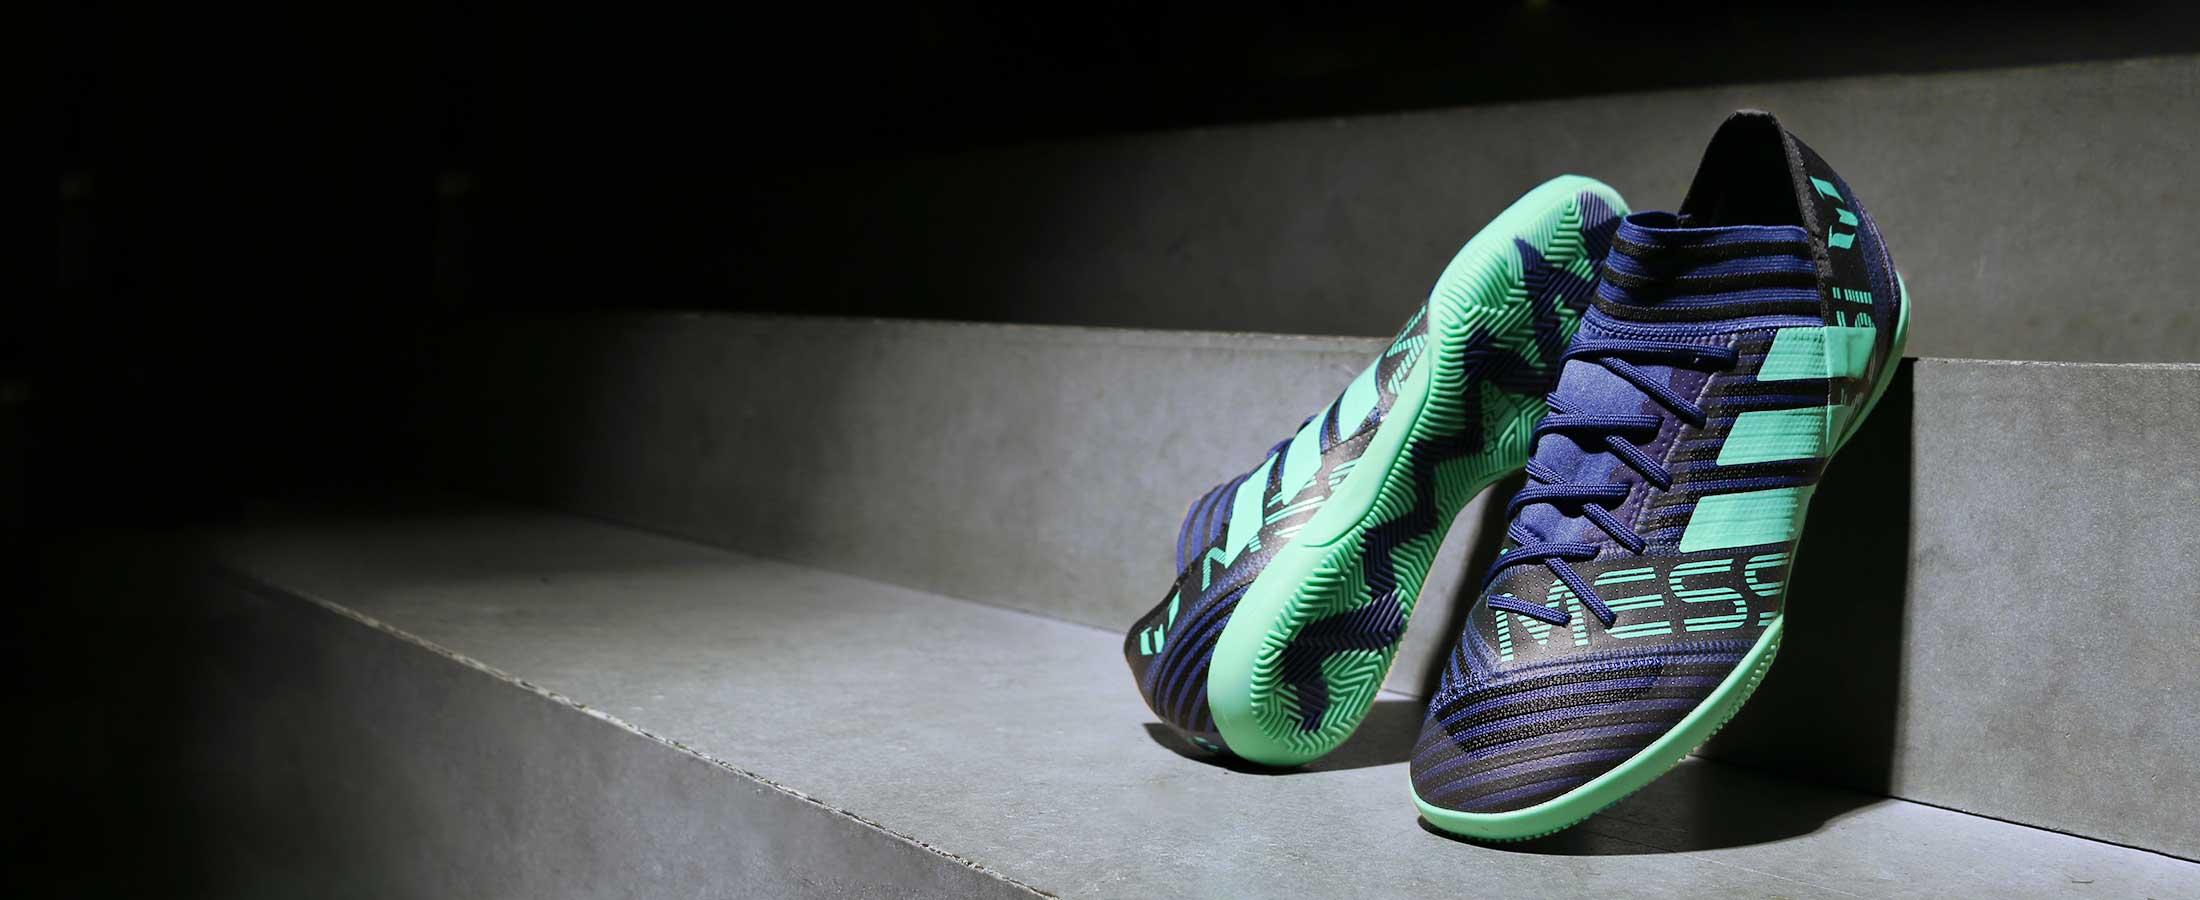 Zapatillas de fútbol sala adidas Messi